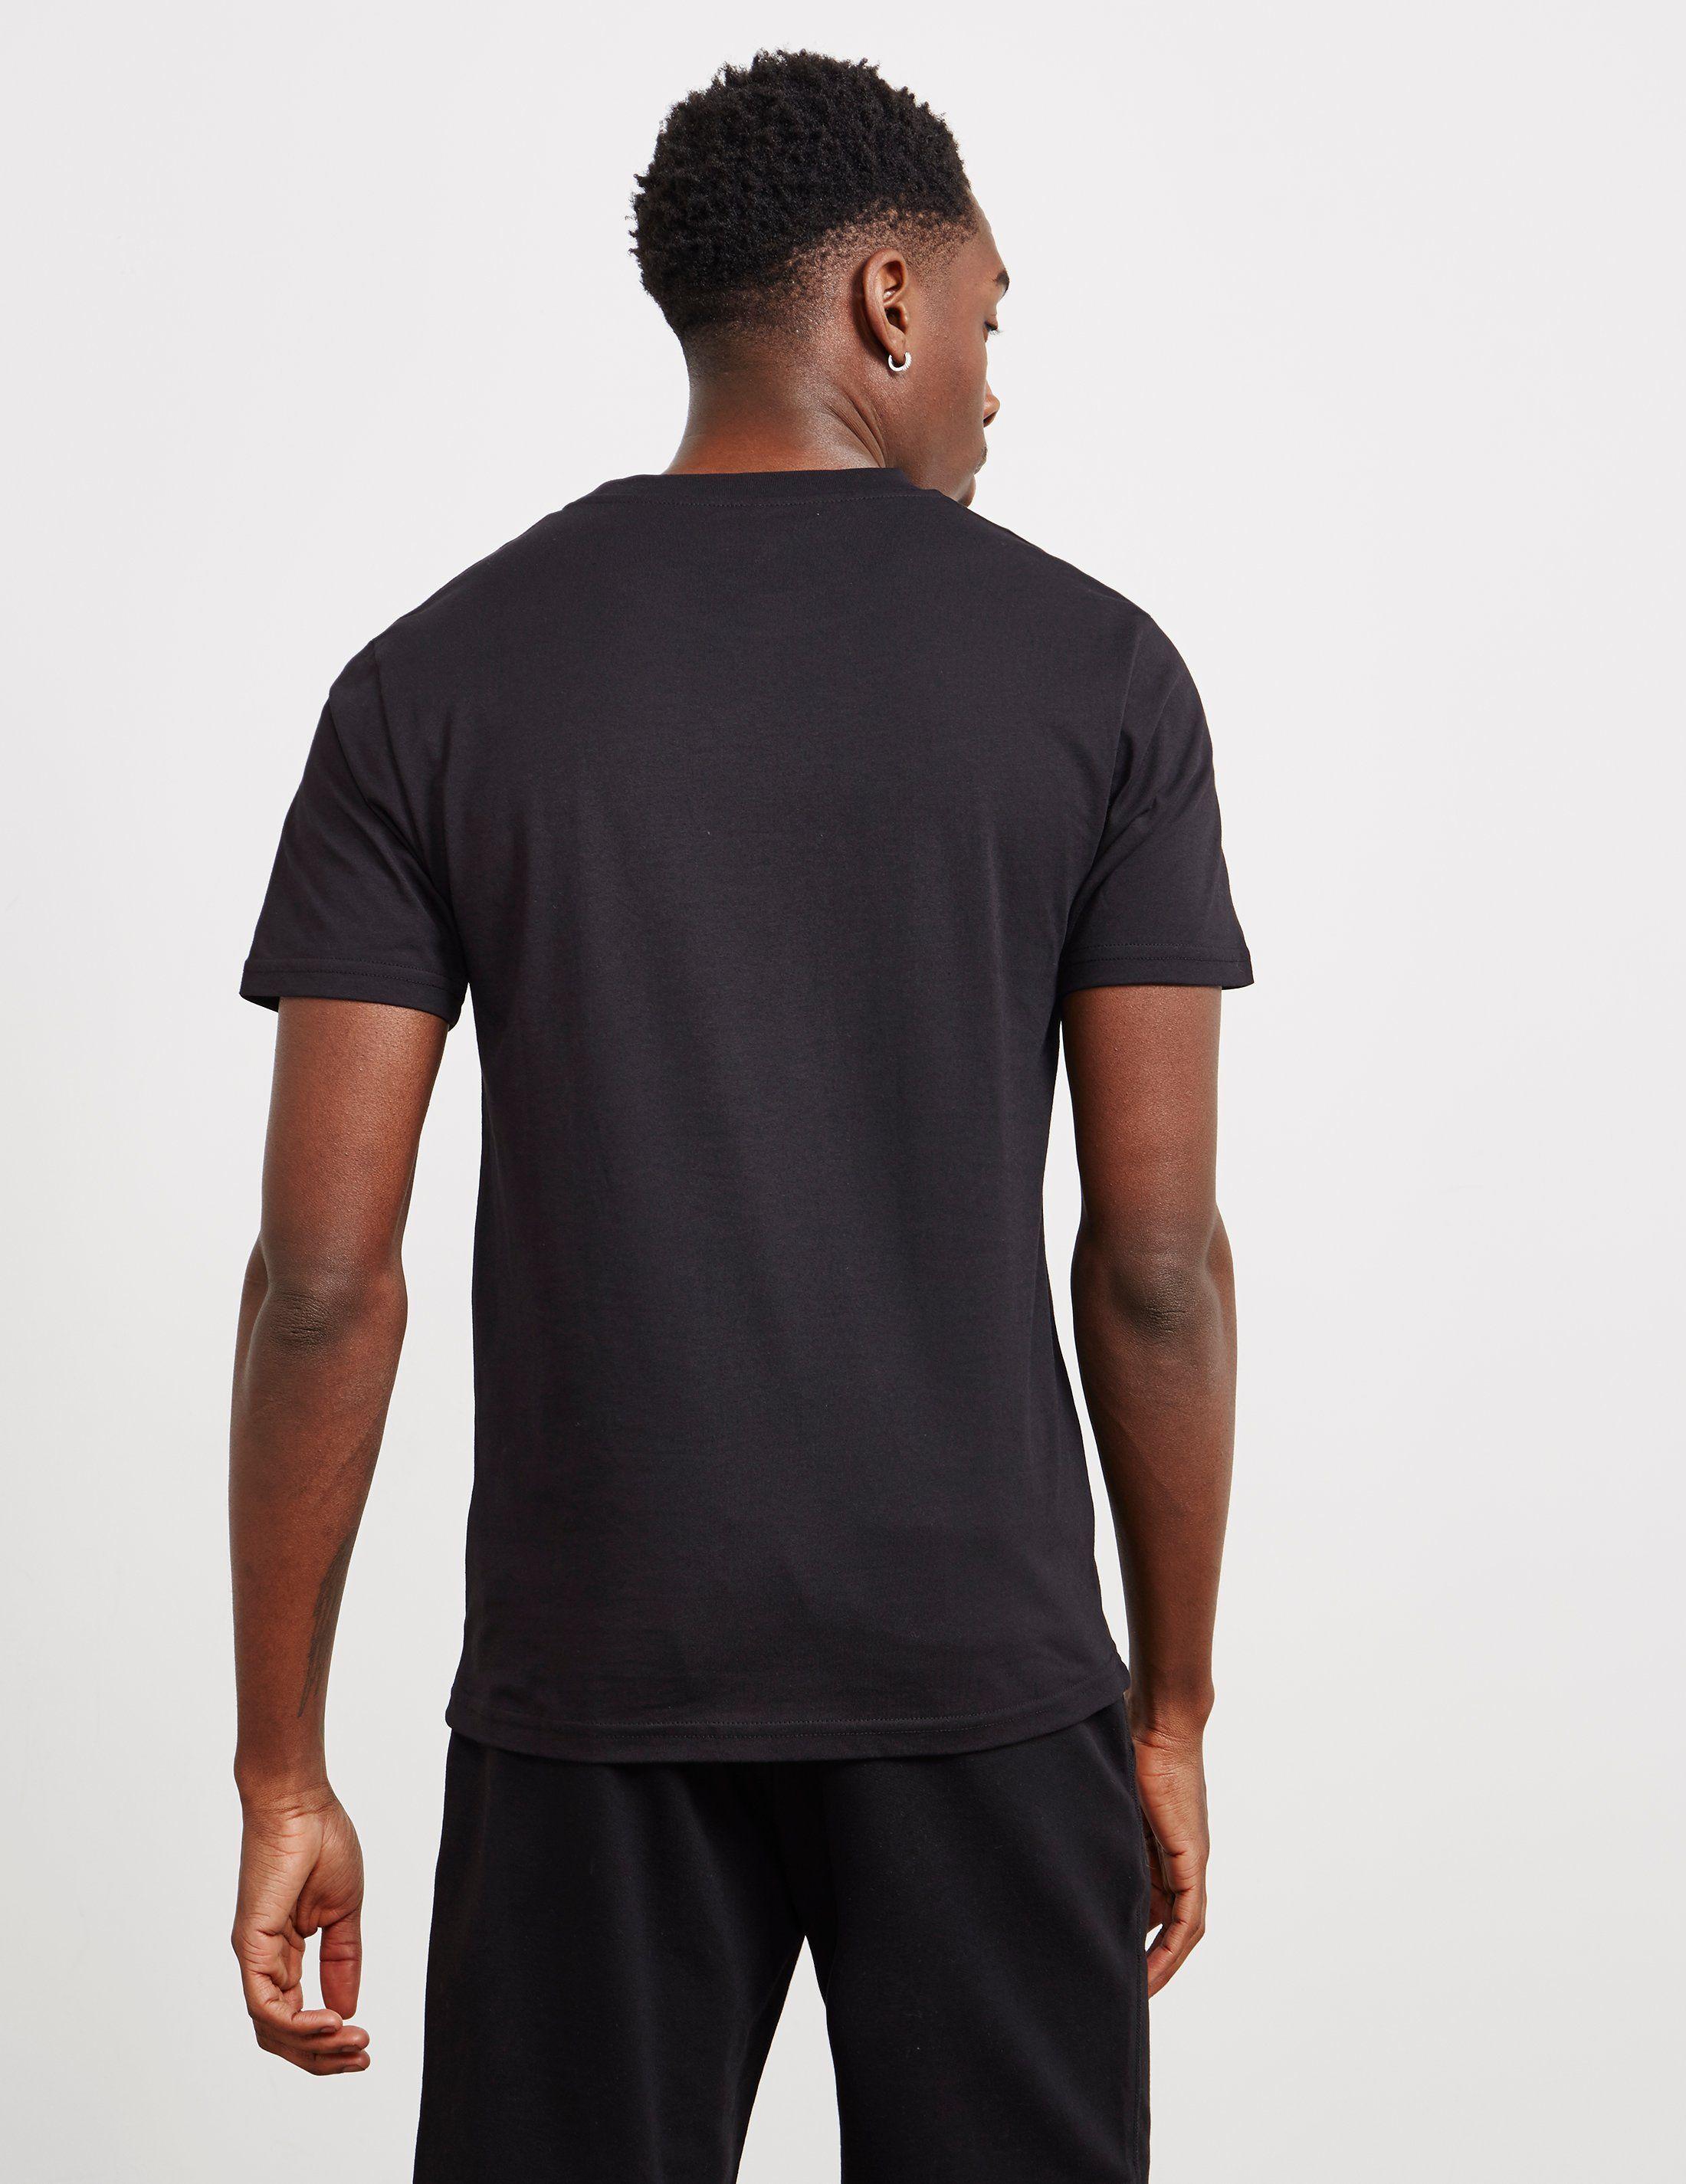 Moschino Foil Logo Short Sleeve T-Shirt